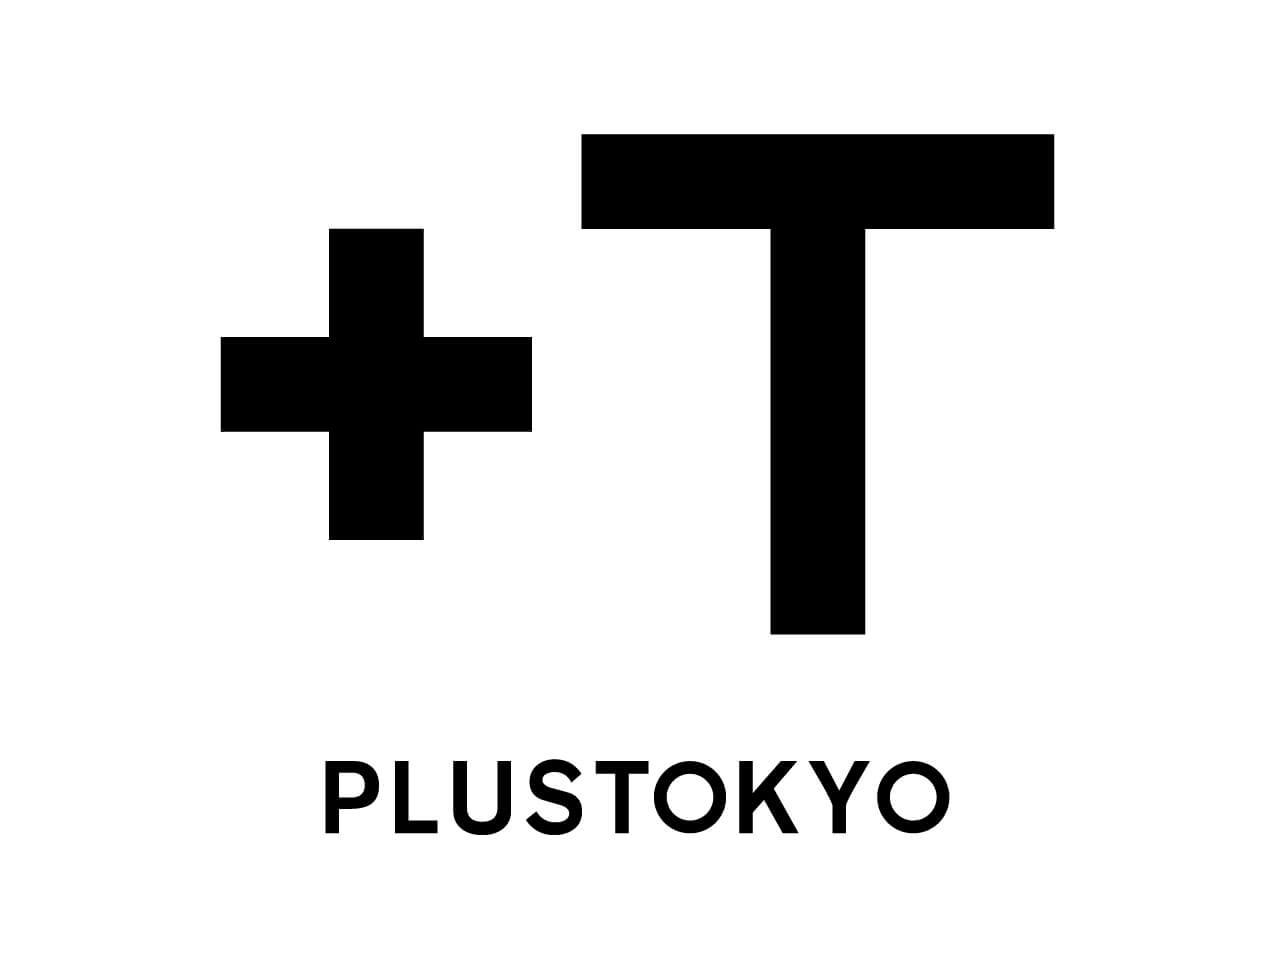 PLUSTOKYO LOGO 2